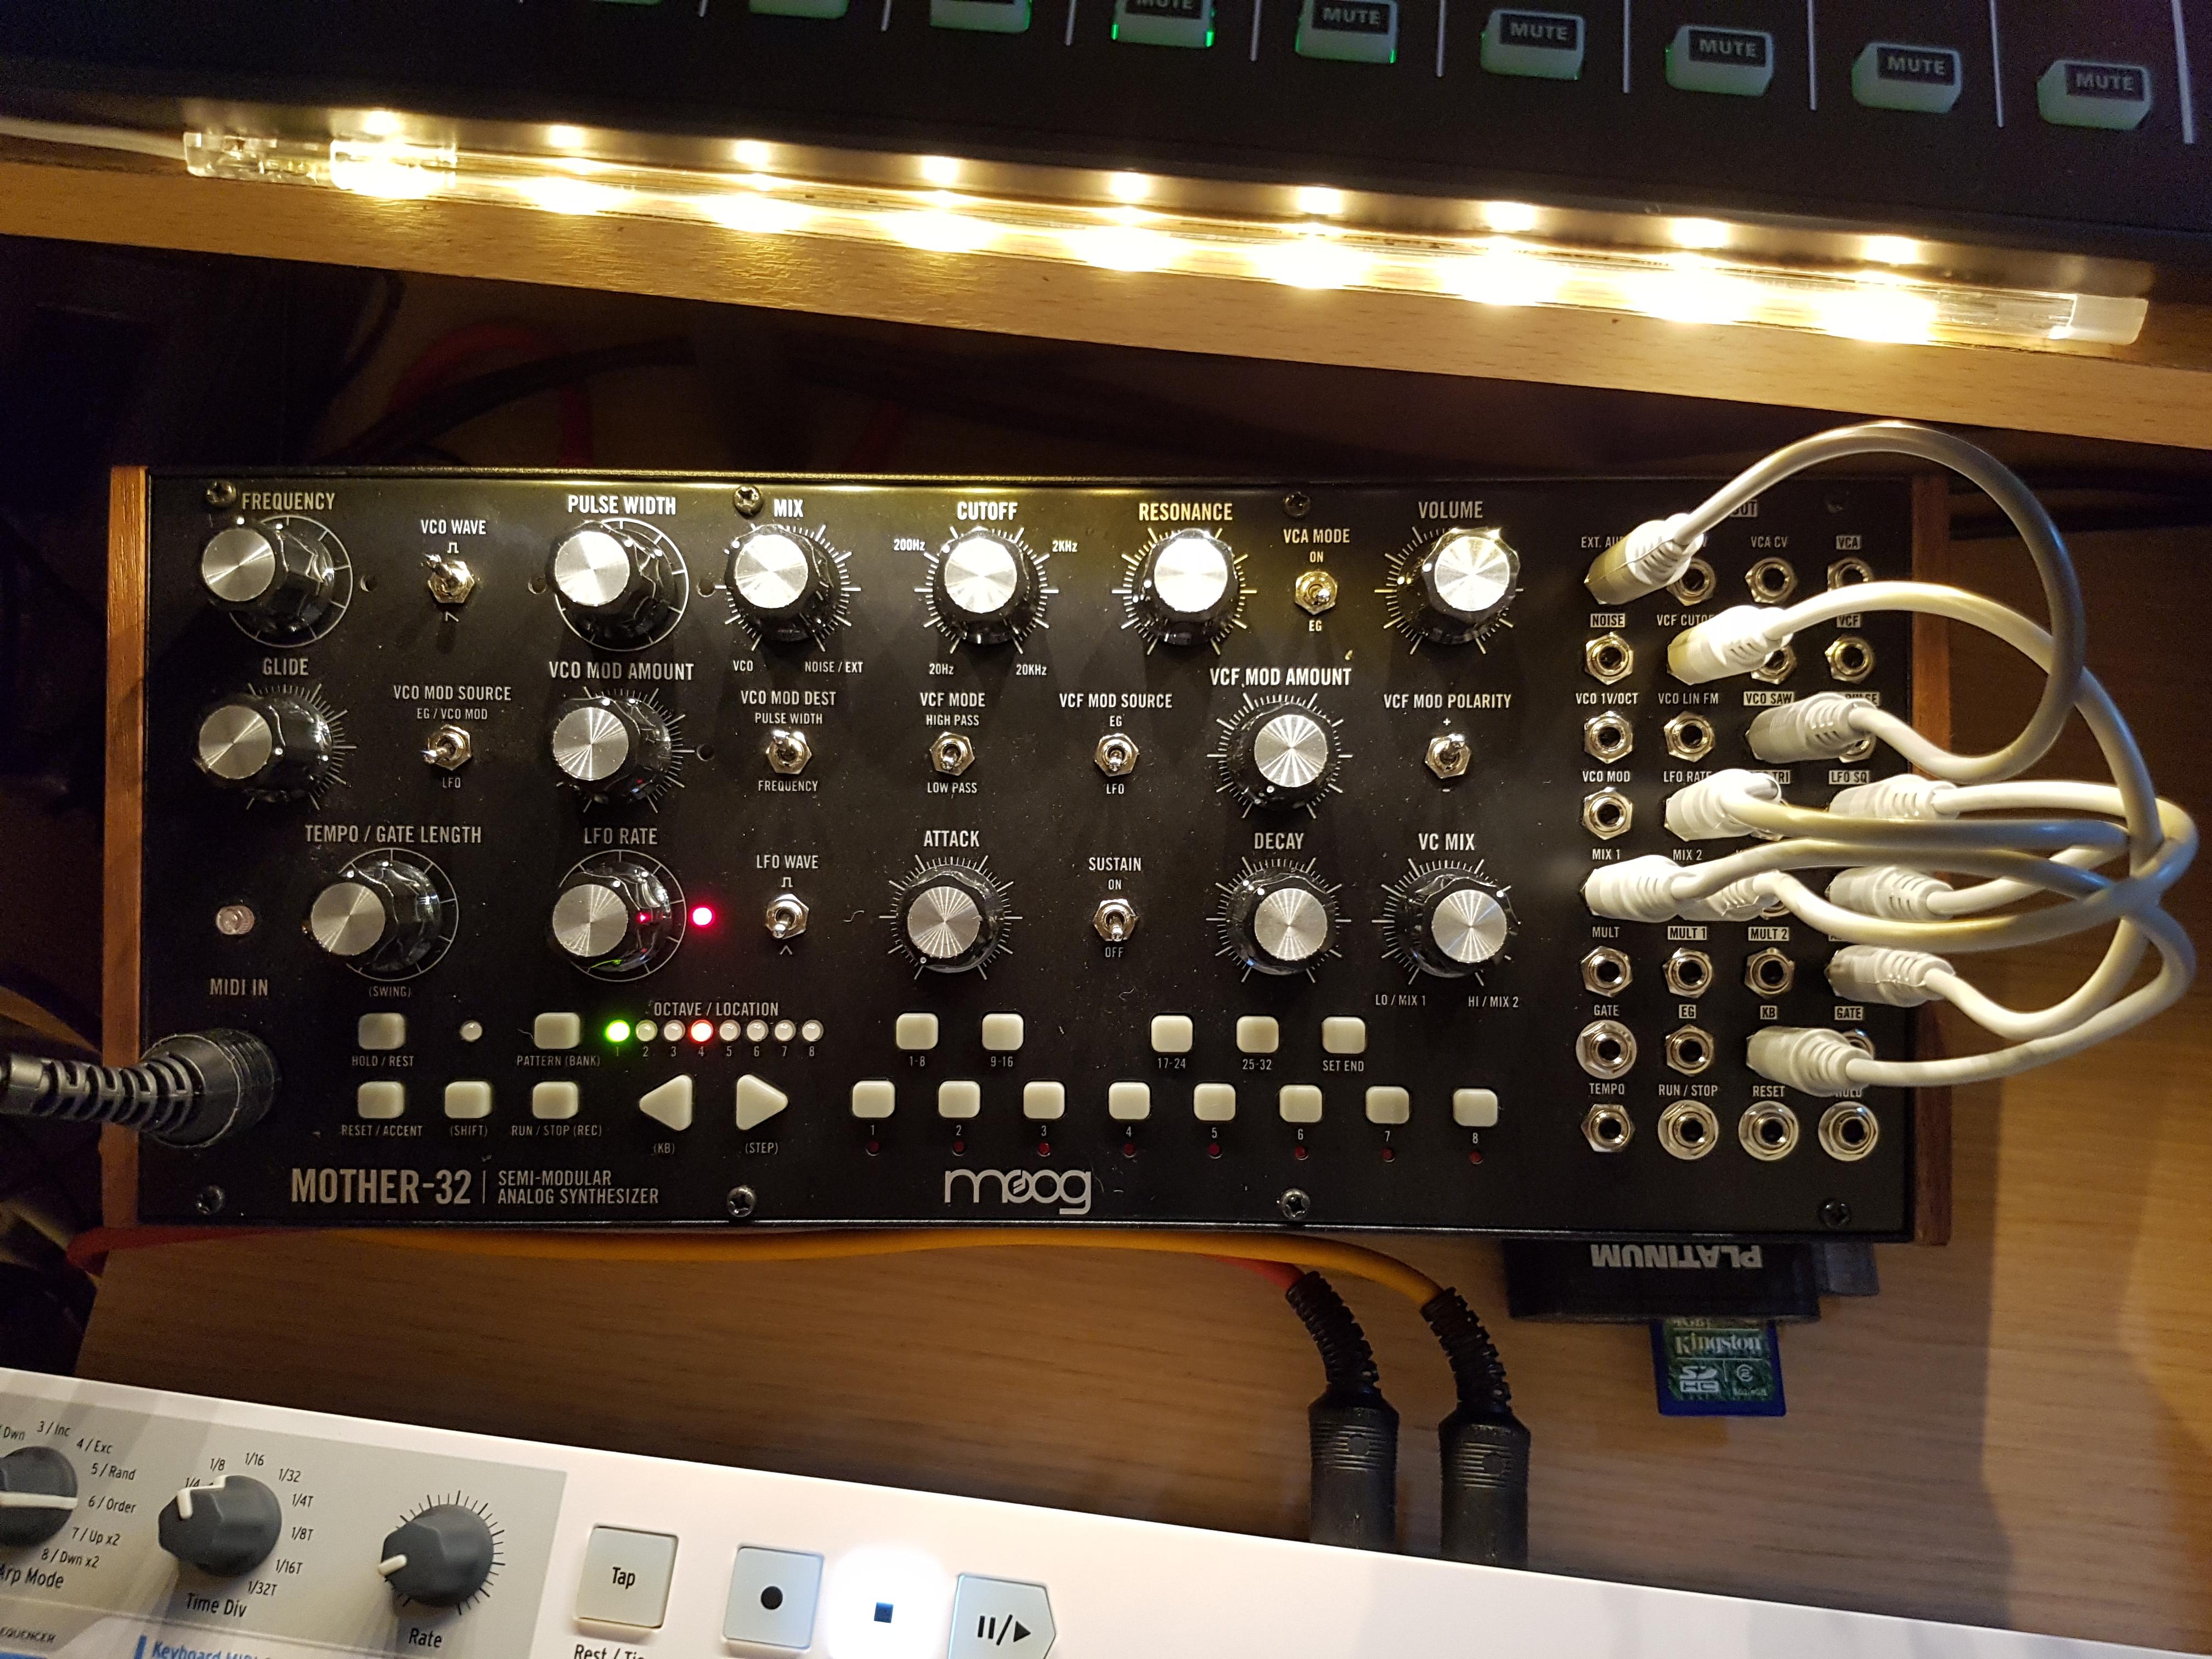 moog music mother 32 image 1810784 audiofanzine. Black Bedroom Furniture Sets. Home Design Ideas